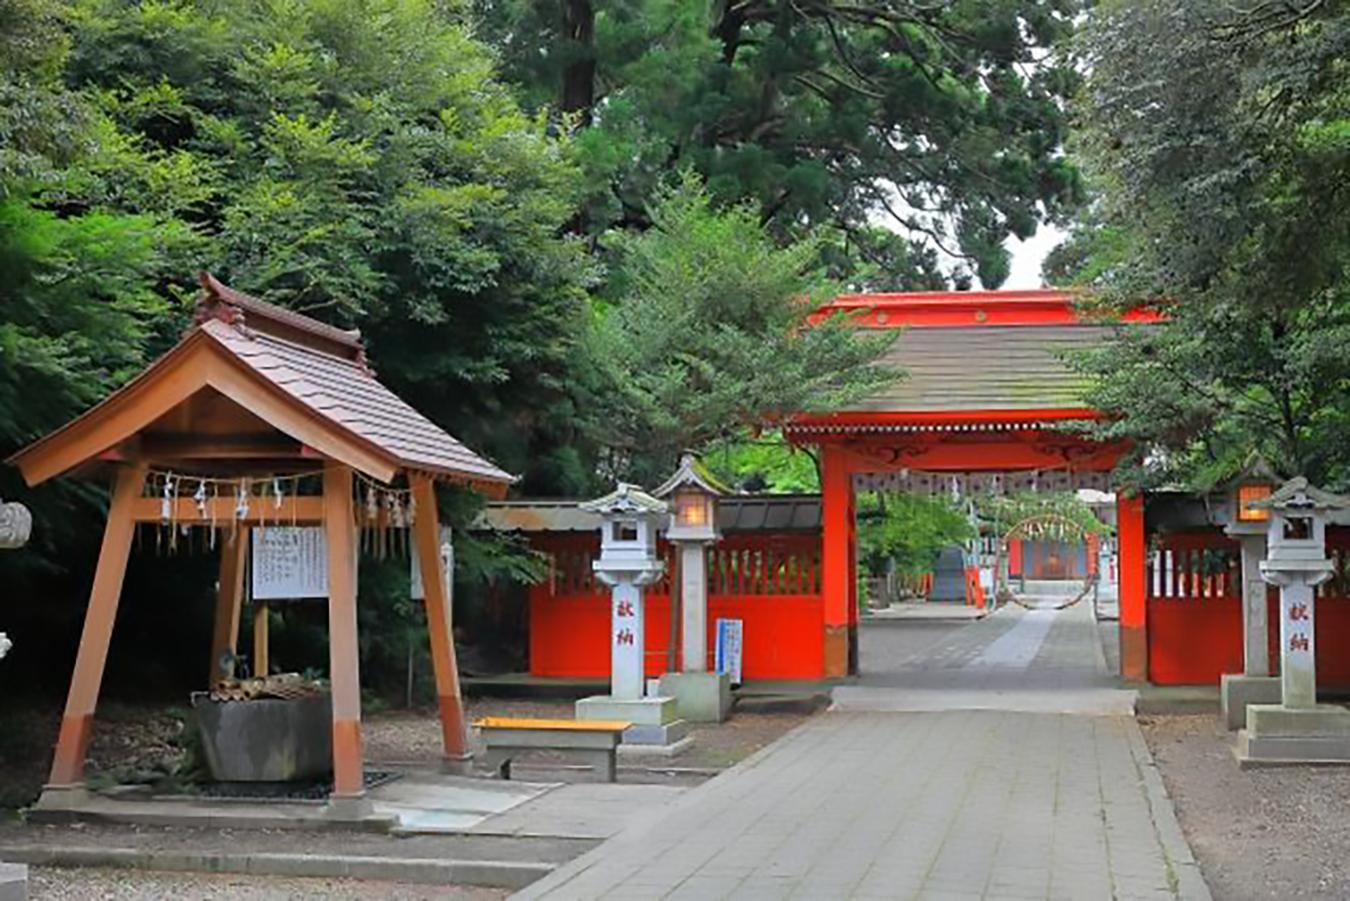 鹿島神宮・香取神宮・息栖神社をめぐる関東最強のパワースポット「東国三社参り」もぜひどうぞ♪